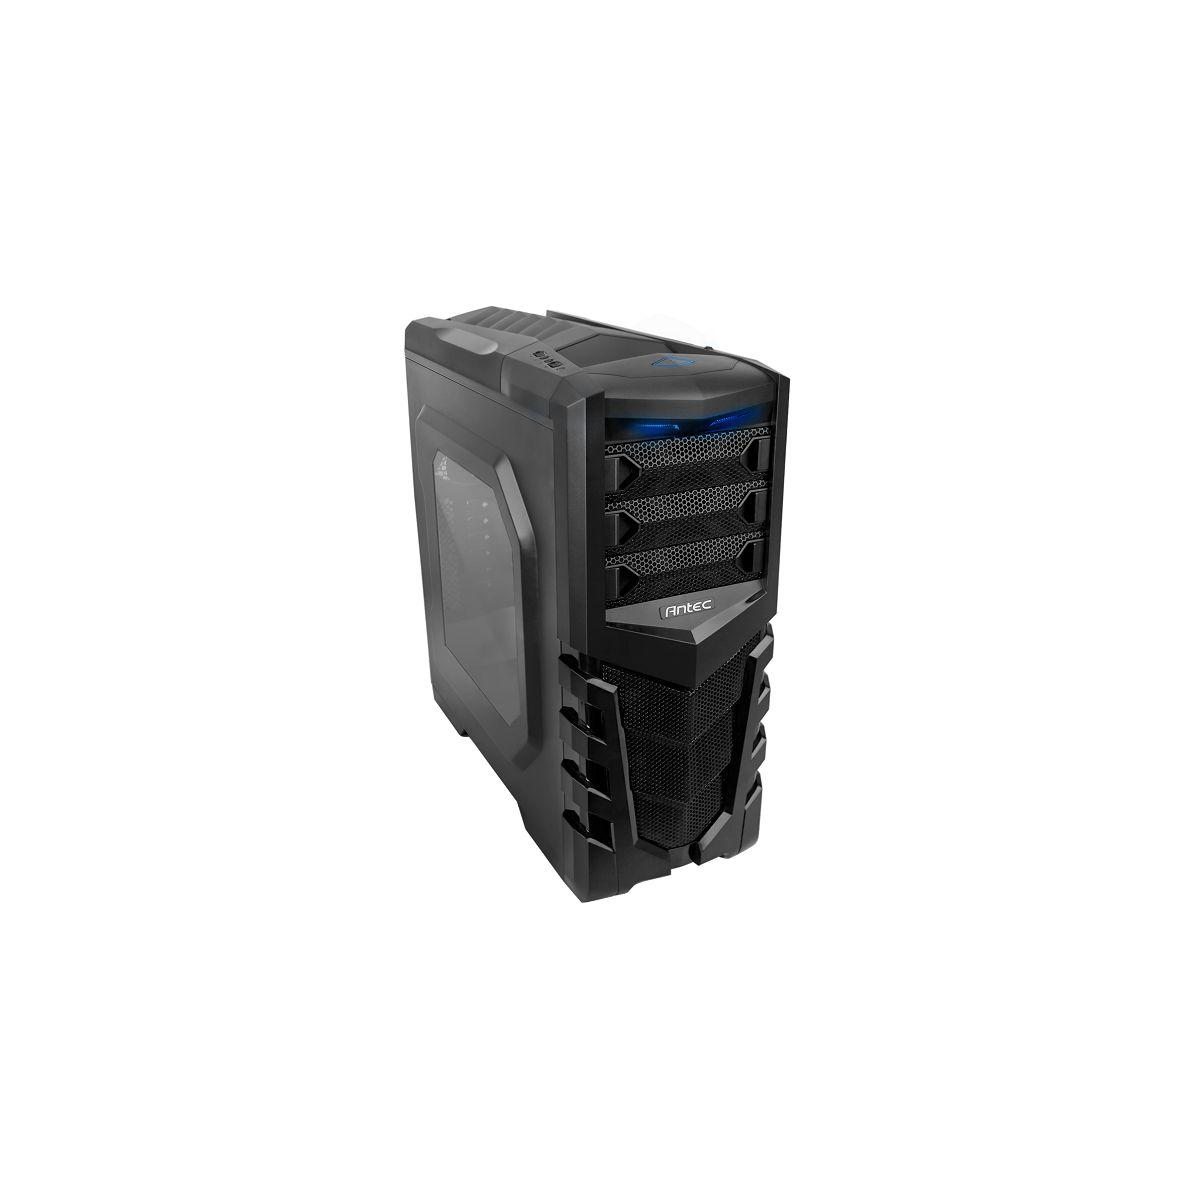 Boîtier antec gx505 window blue - 3% de remise immédiate avec le code : multi3 (photo)